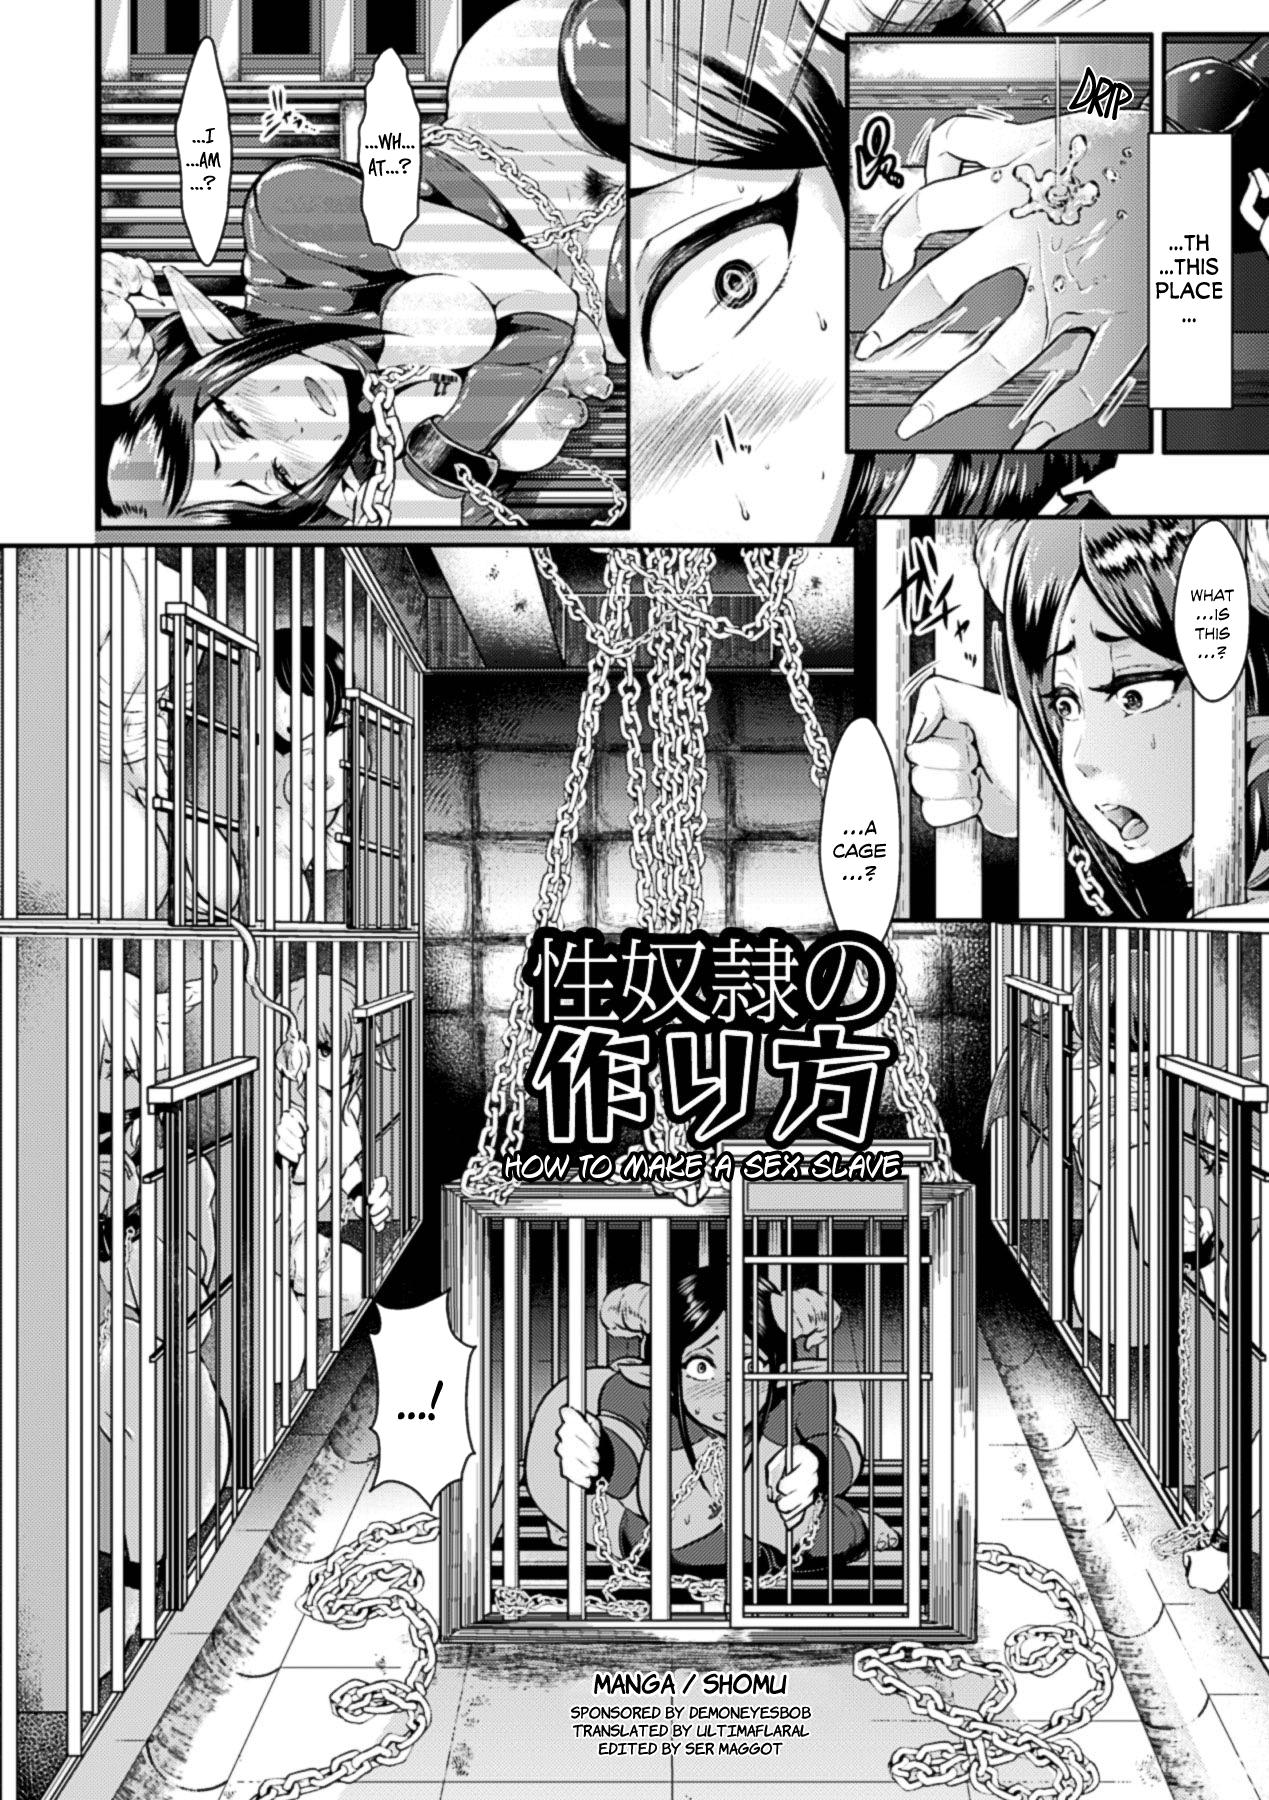 Seidorei no Tsukurikata | How to Make a Sex Slave 0